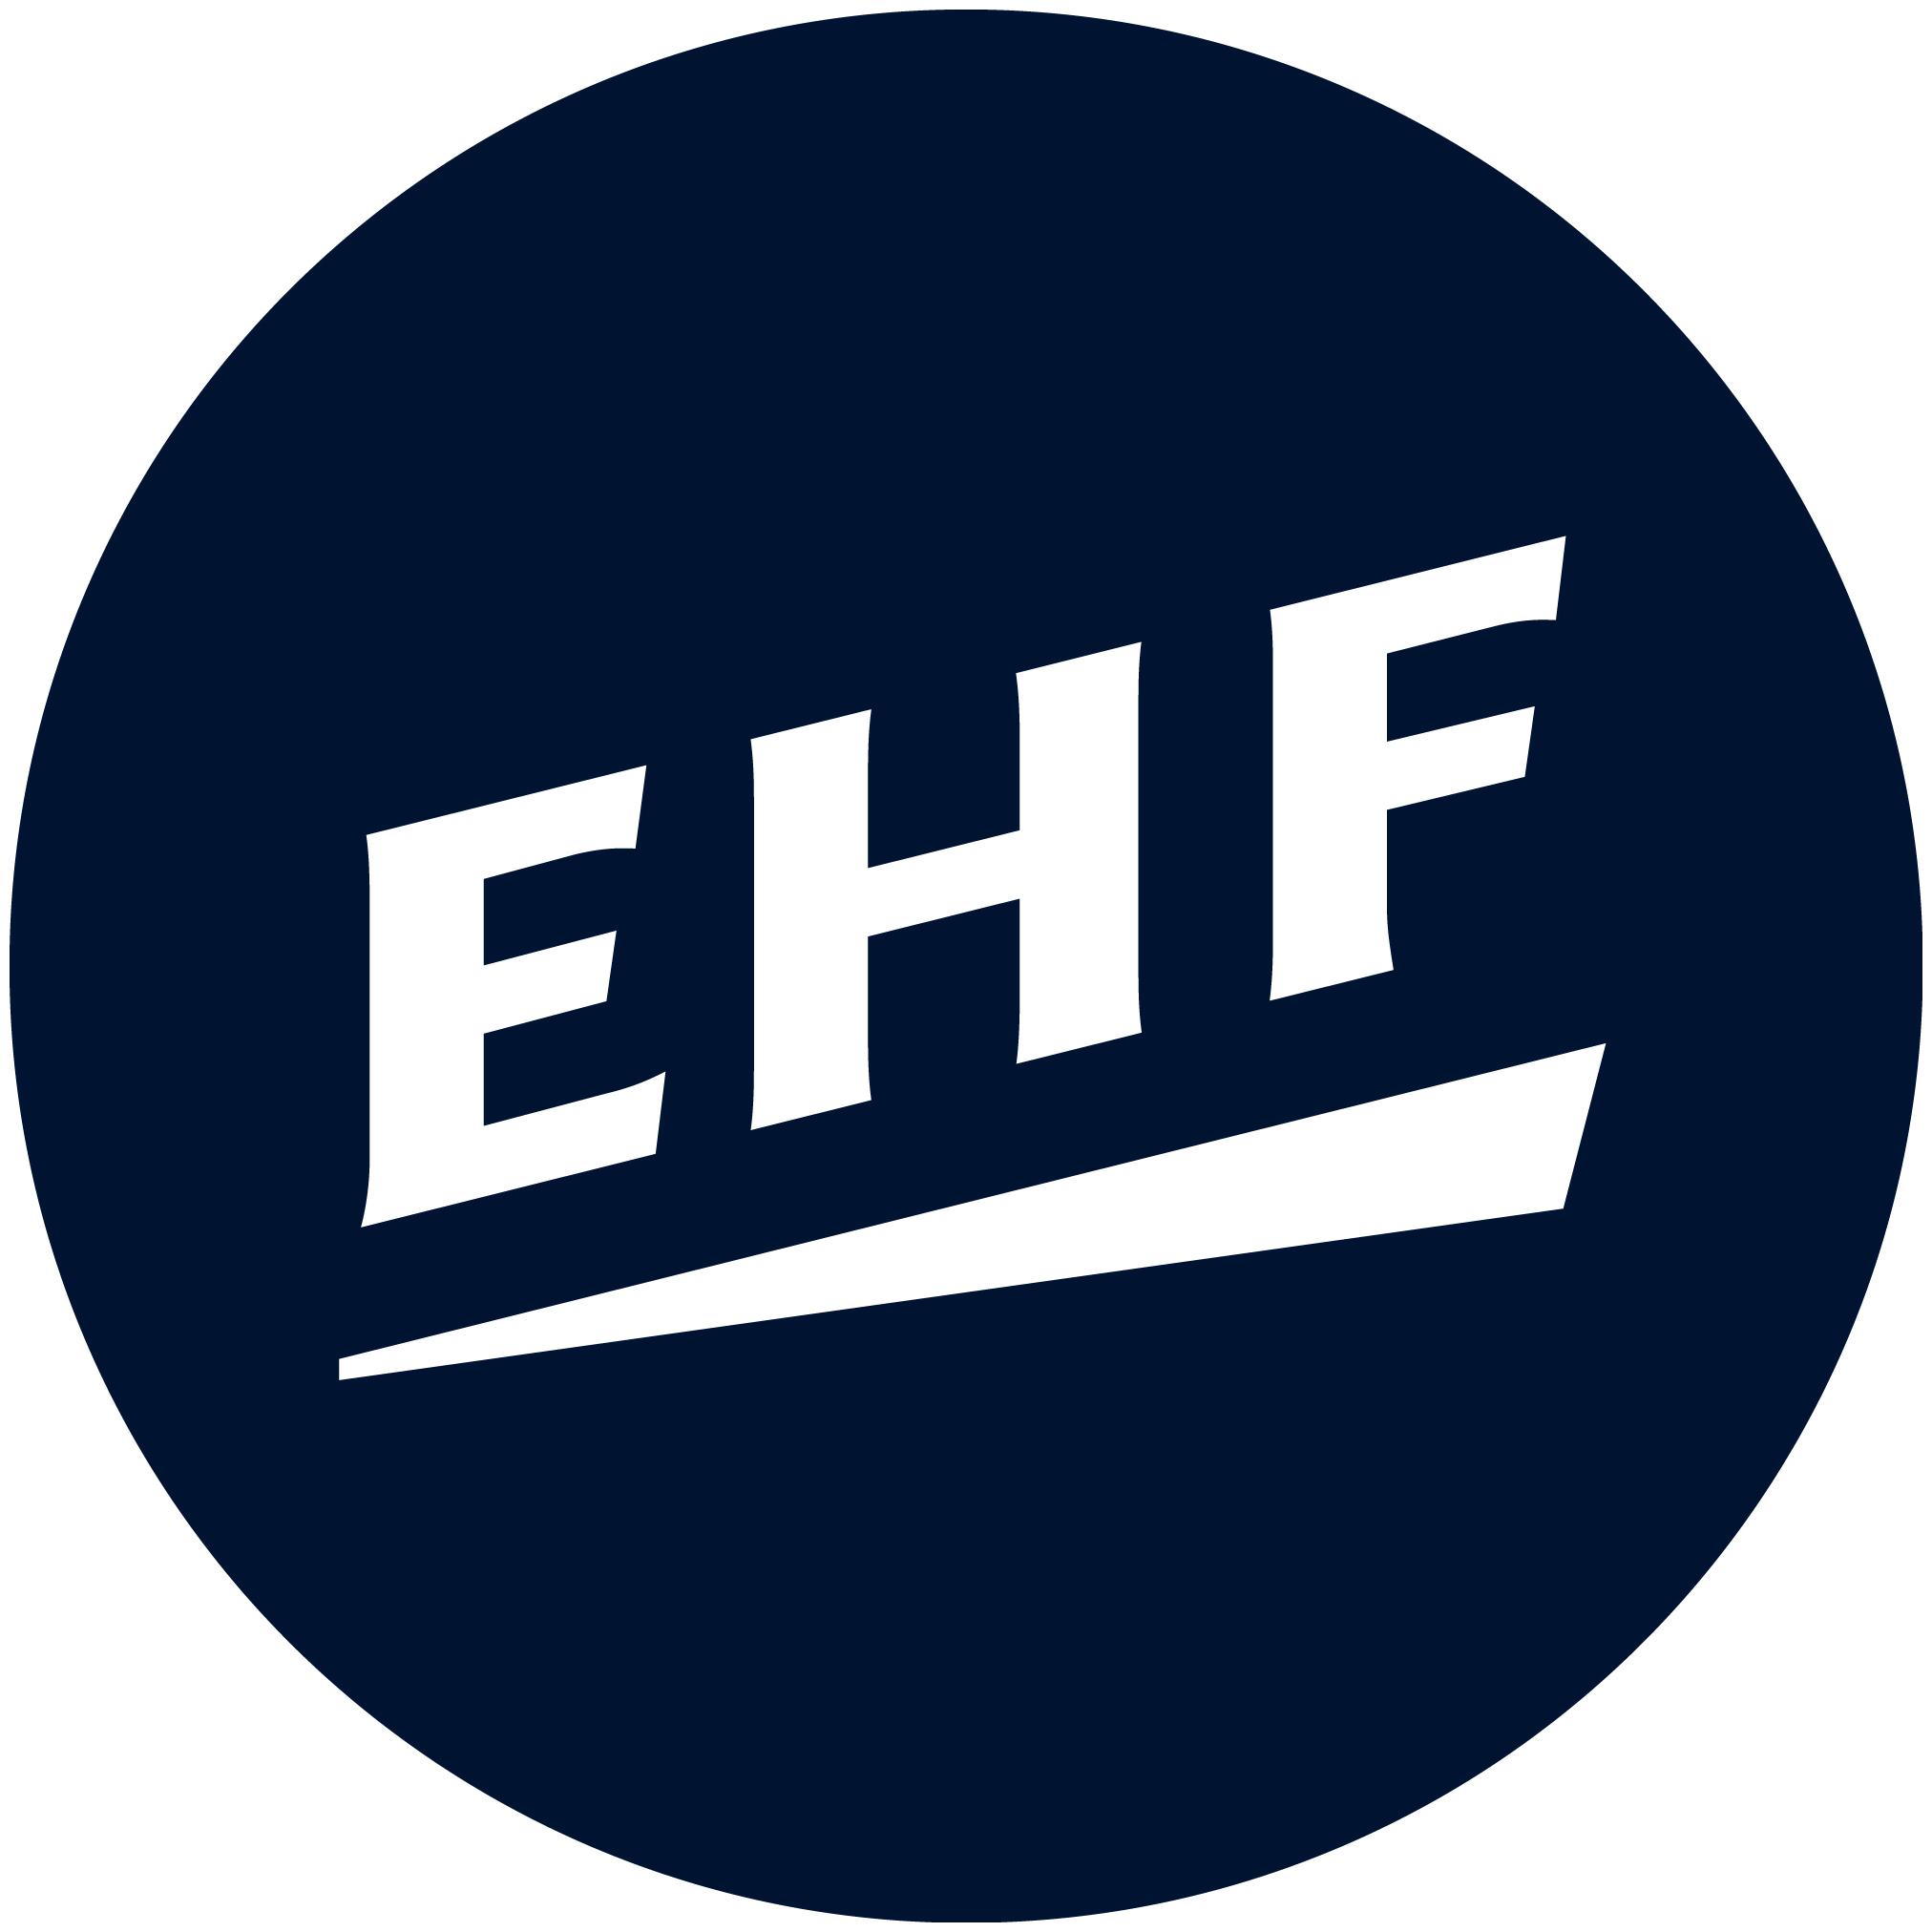 2014 European Handball Men's 20 EHF EURO